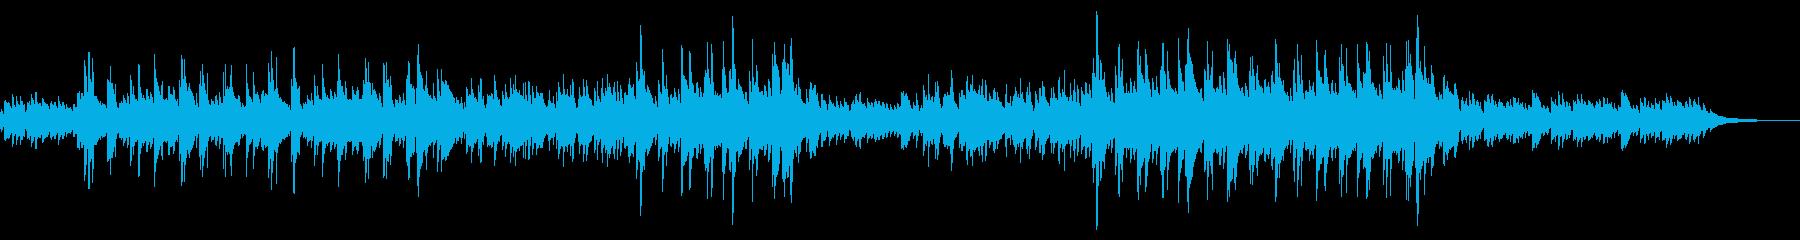 ゆったりとした優しいピアノソロ曲の再生済みの波形